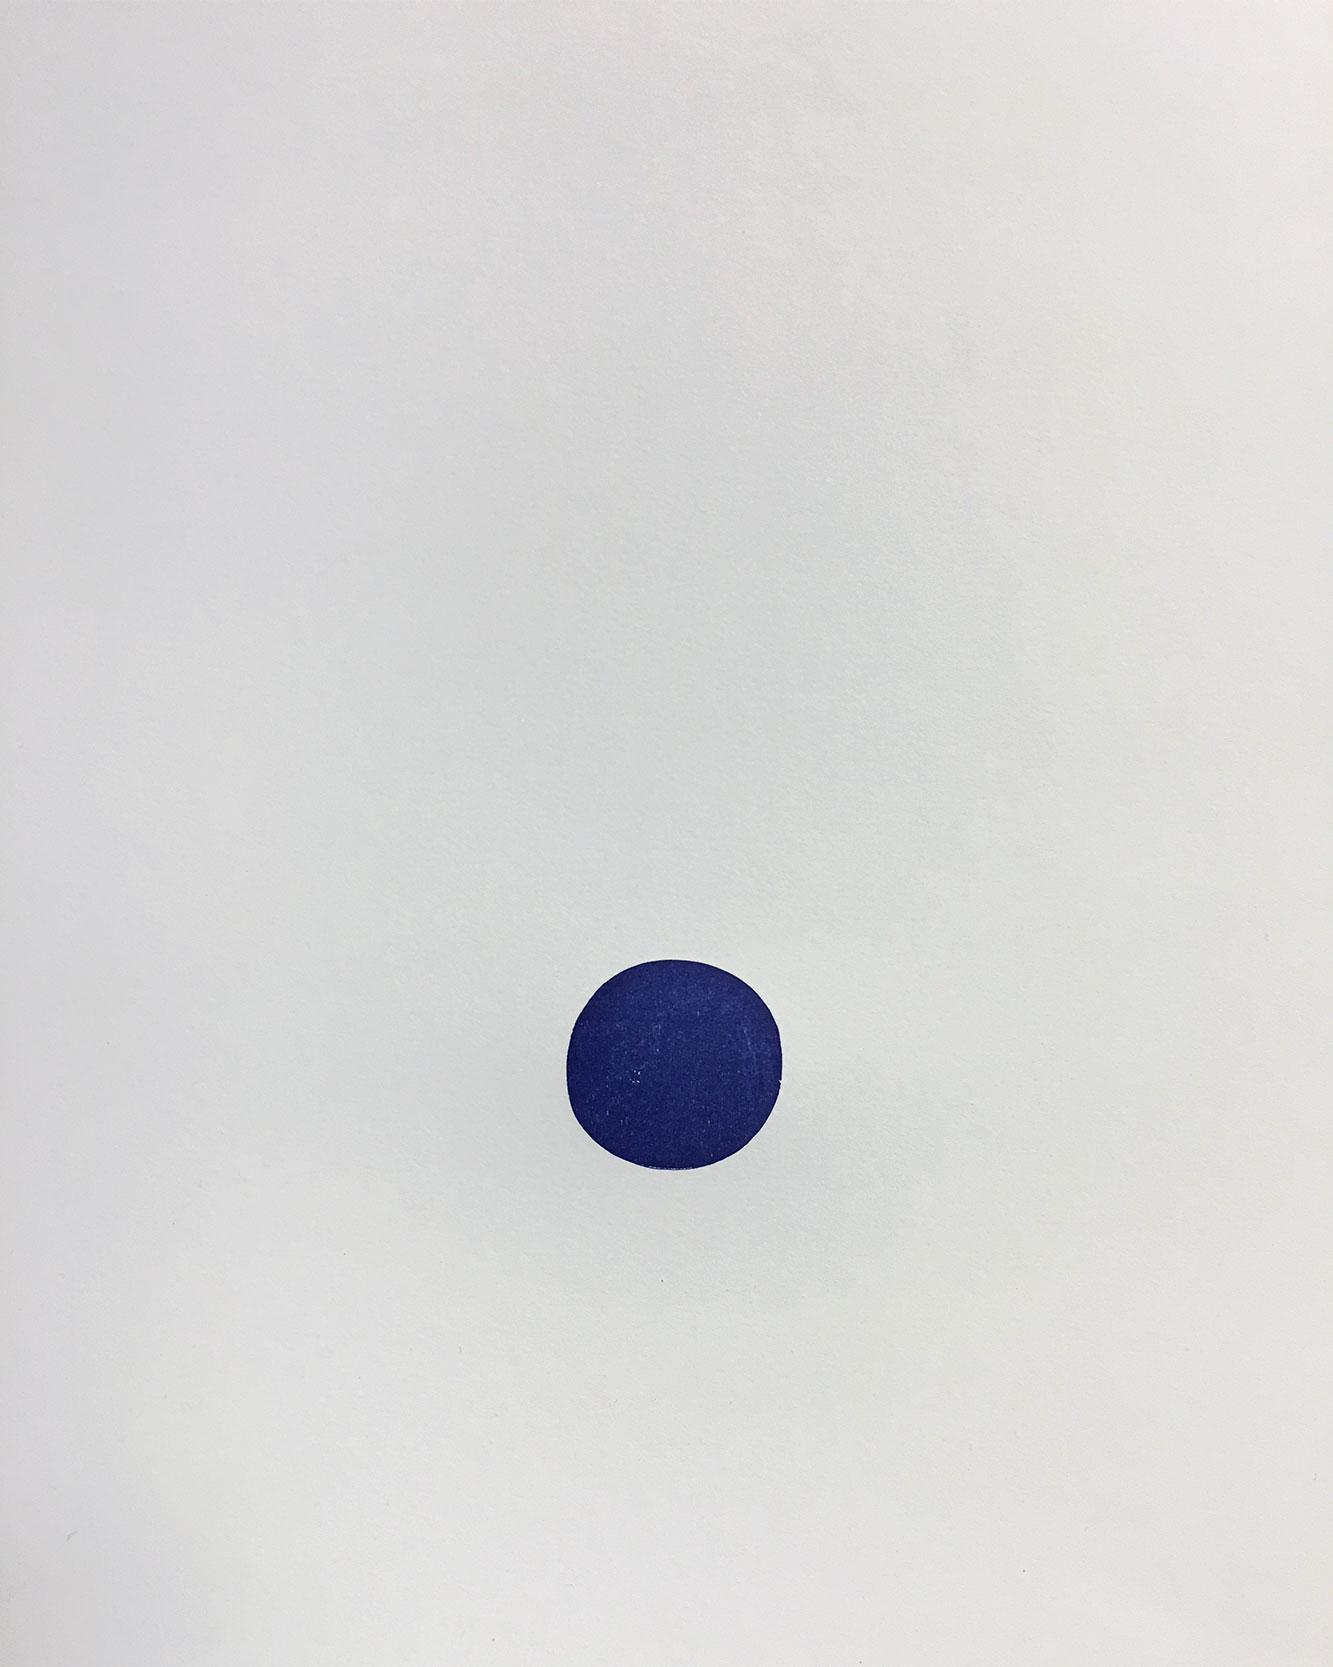 Dot_SadBlue.jpg